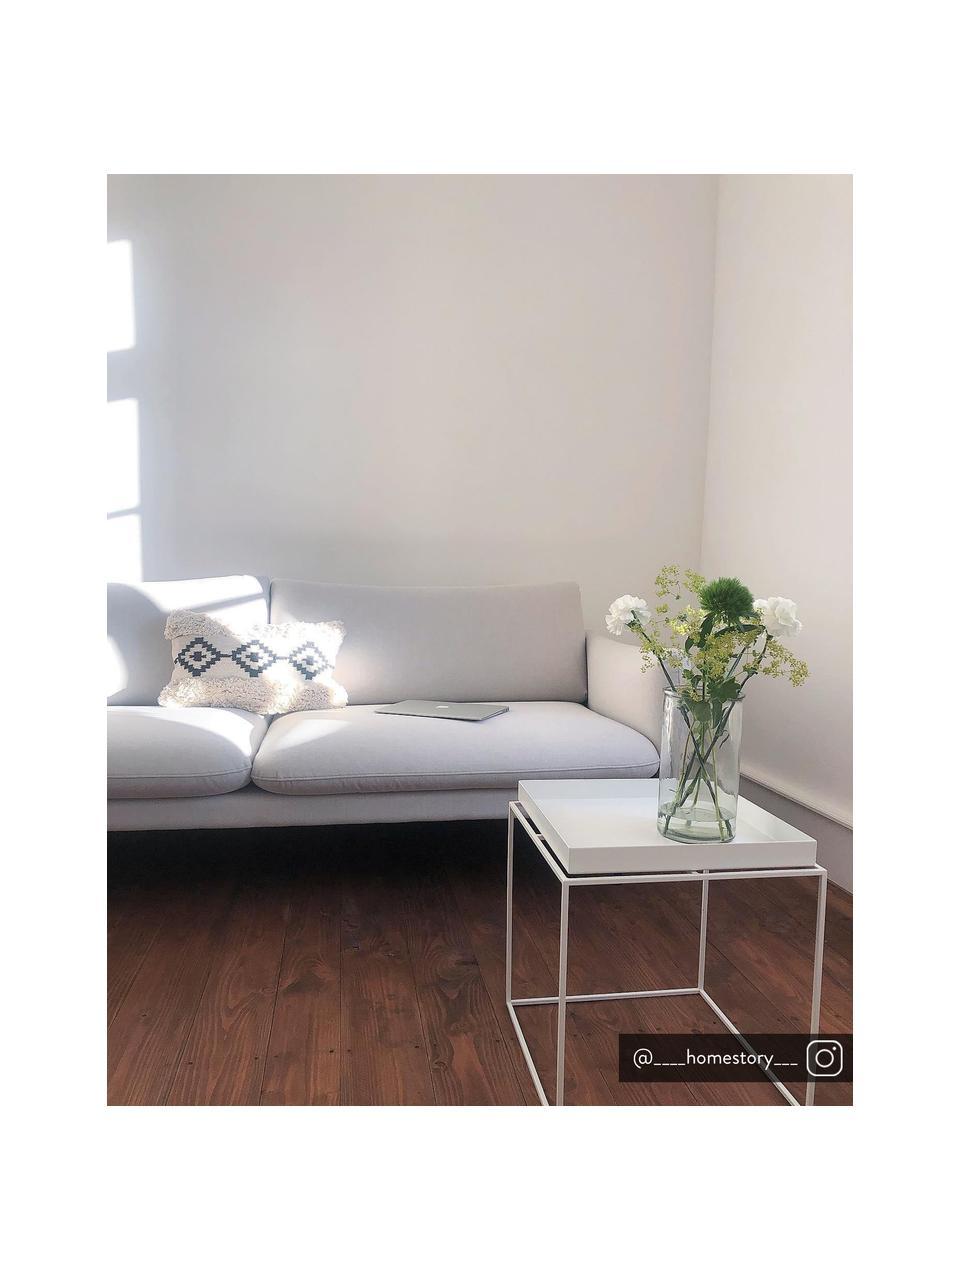 Sofa Moby (3-Sitzer) in Hellgrau mit Metall-Füßen, Bezug: Polyester Der hochwertige, Gestell: Massives Kiefernholz, Füße: Metall, pulverbeschichtet, Webstoff Hellgrau, B 220 x T 95 cm